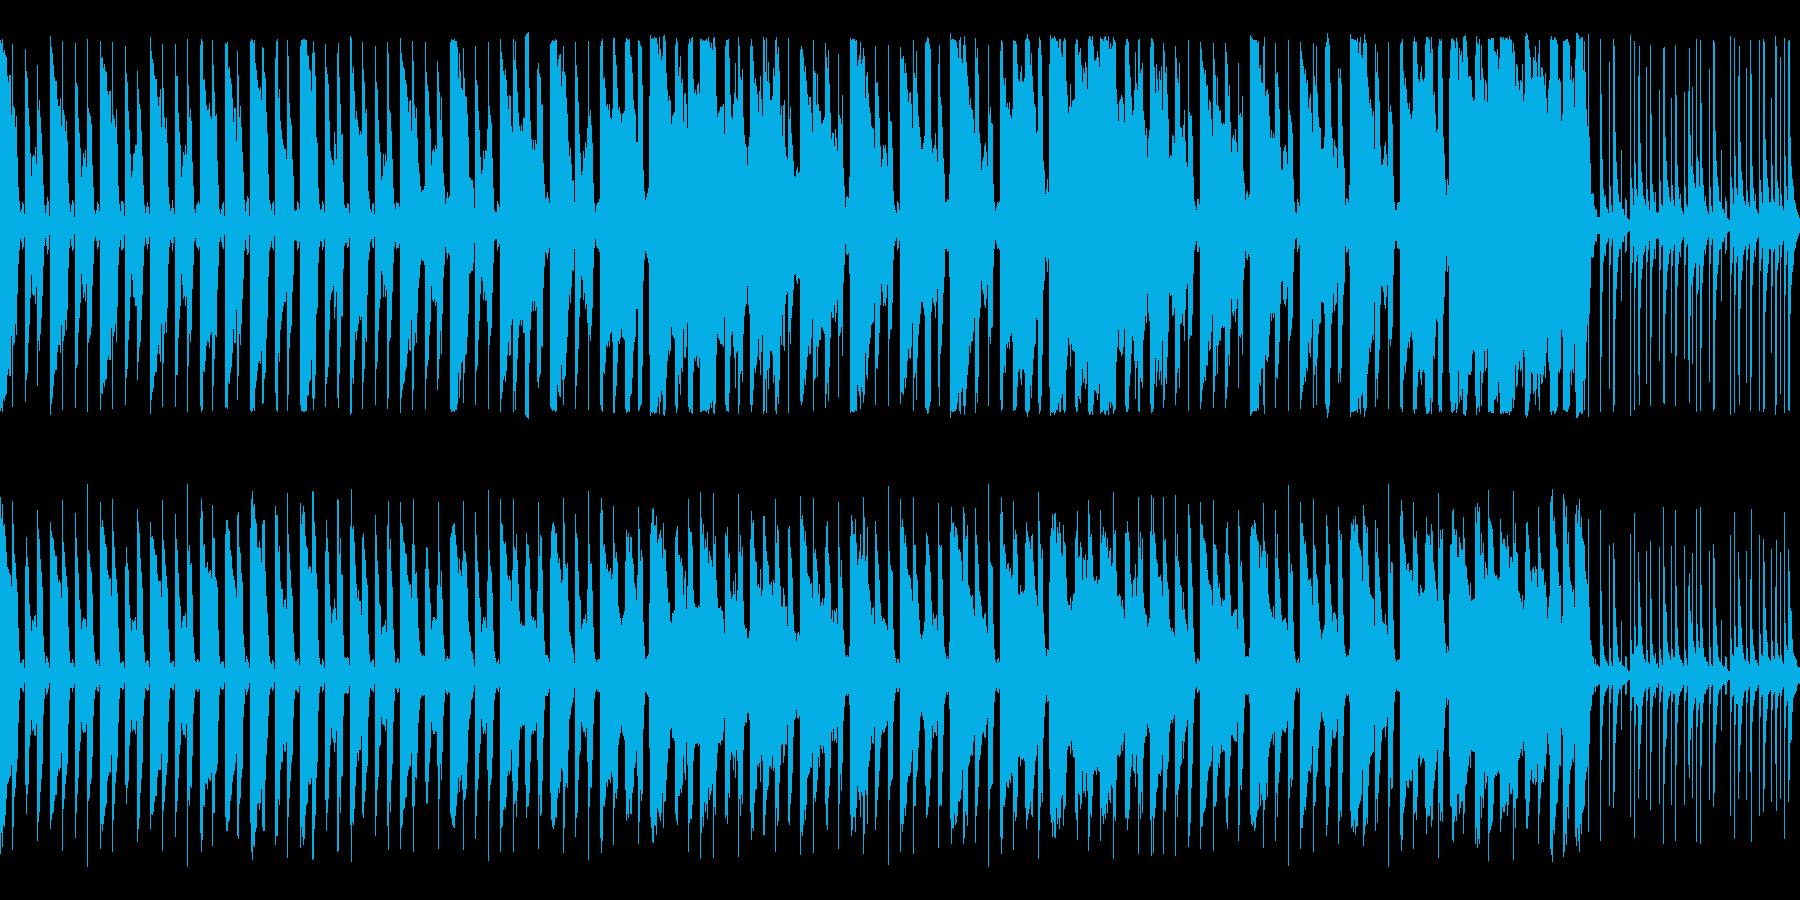 陽気なリズムとハンドクラップ ループ仕様の再生済みの波形